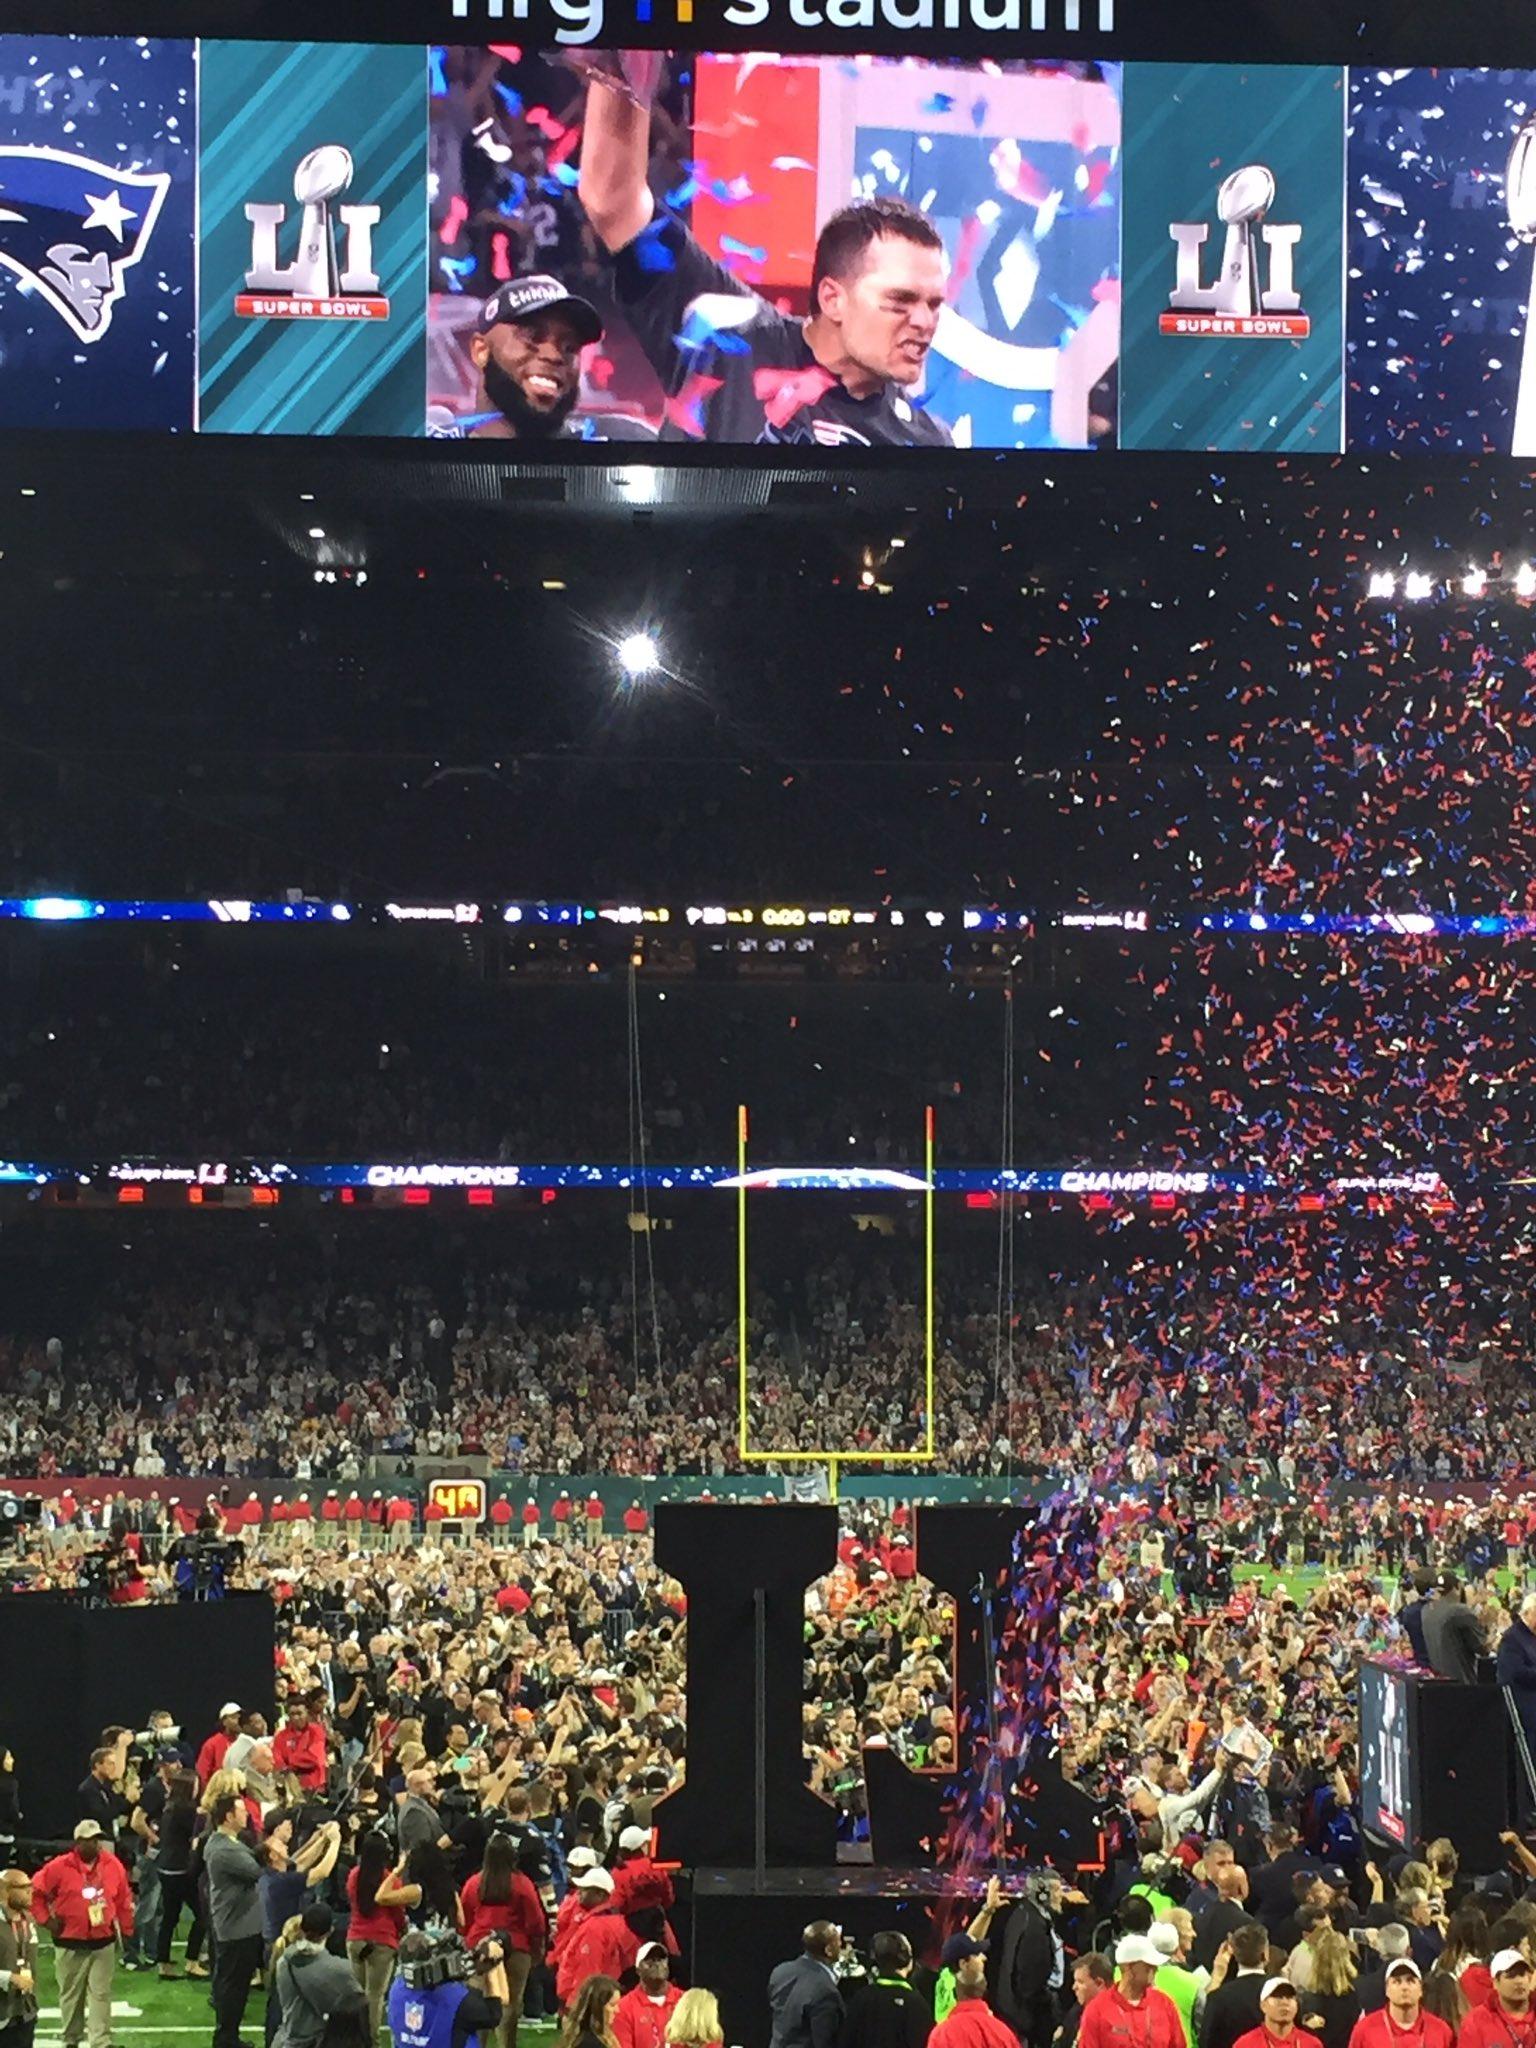 Que jogo, que experiência, que vitória, que privilégio ver um atleta como Tom Brady ao vivo! #gratidao  ���� https://t.co/i6JSX9i2Q7